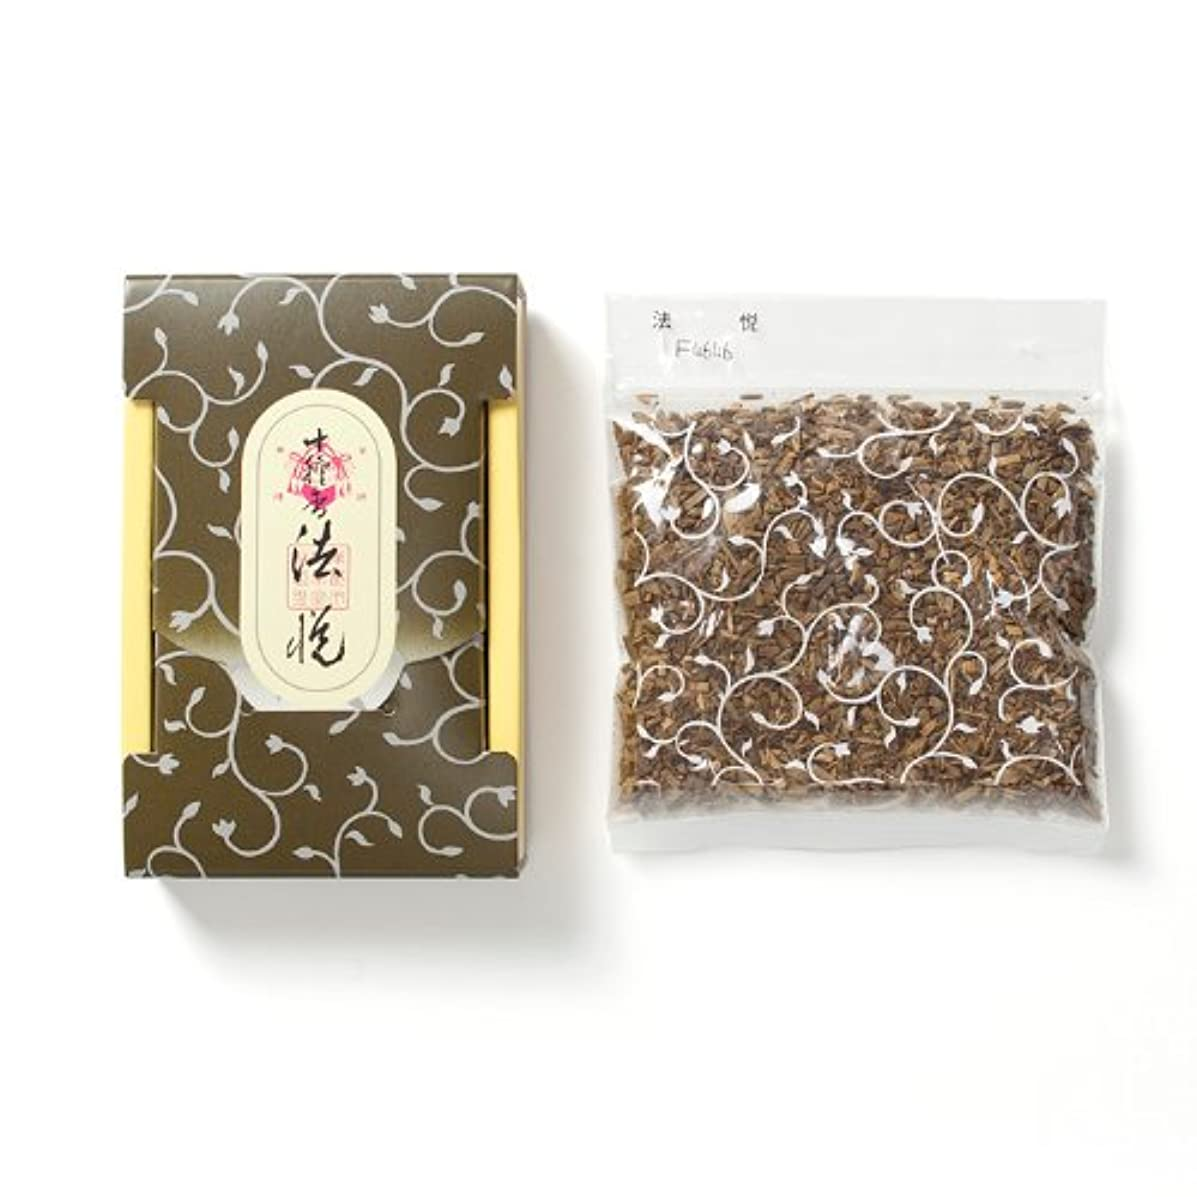 費やす削除するハブブ松栄堂のお焼香 十種香 法悦 25g詰 小箱入 #411041